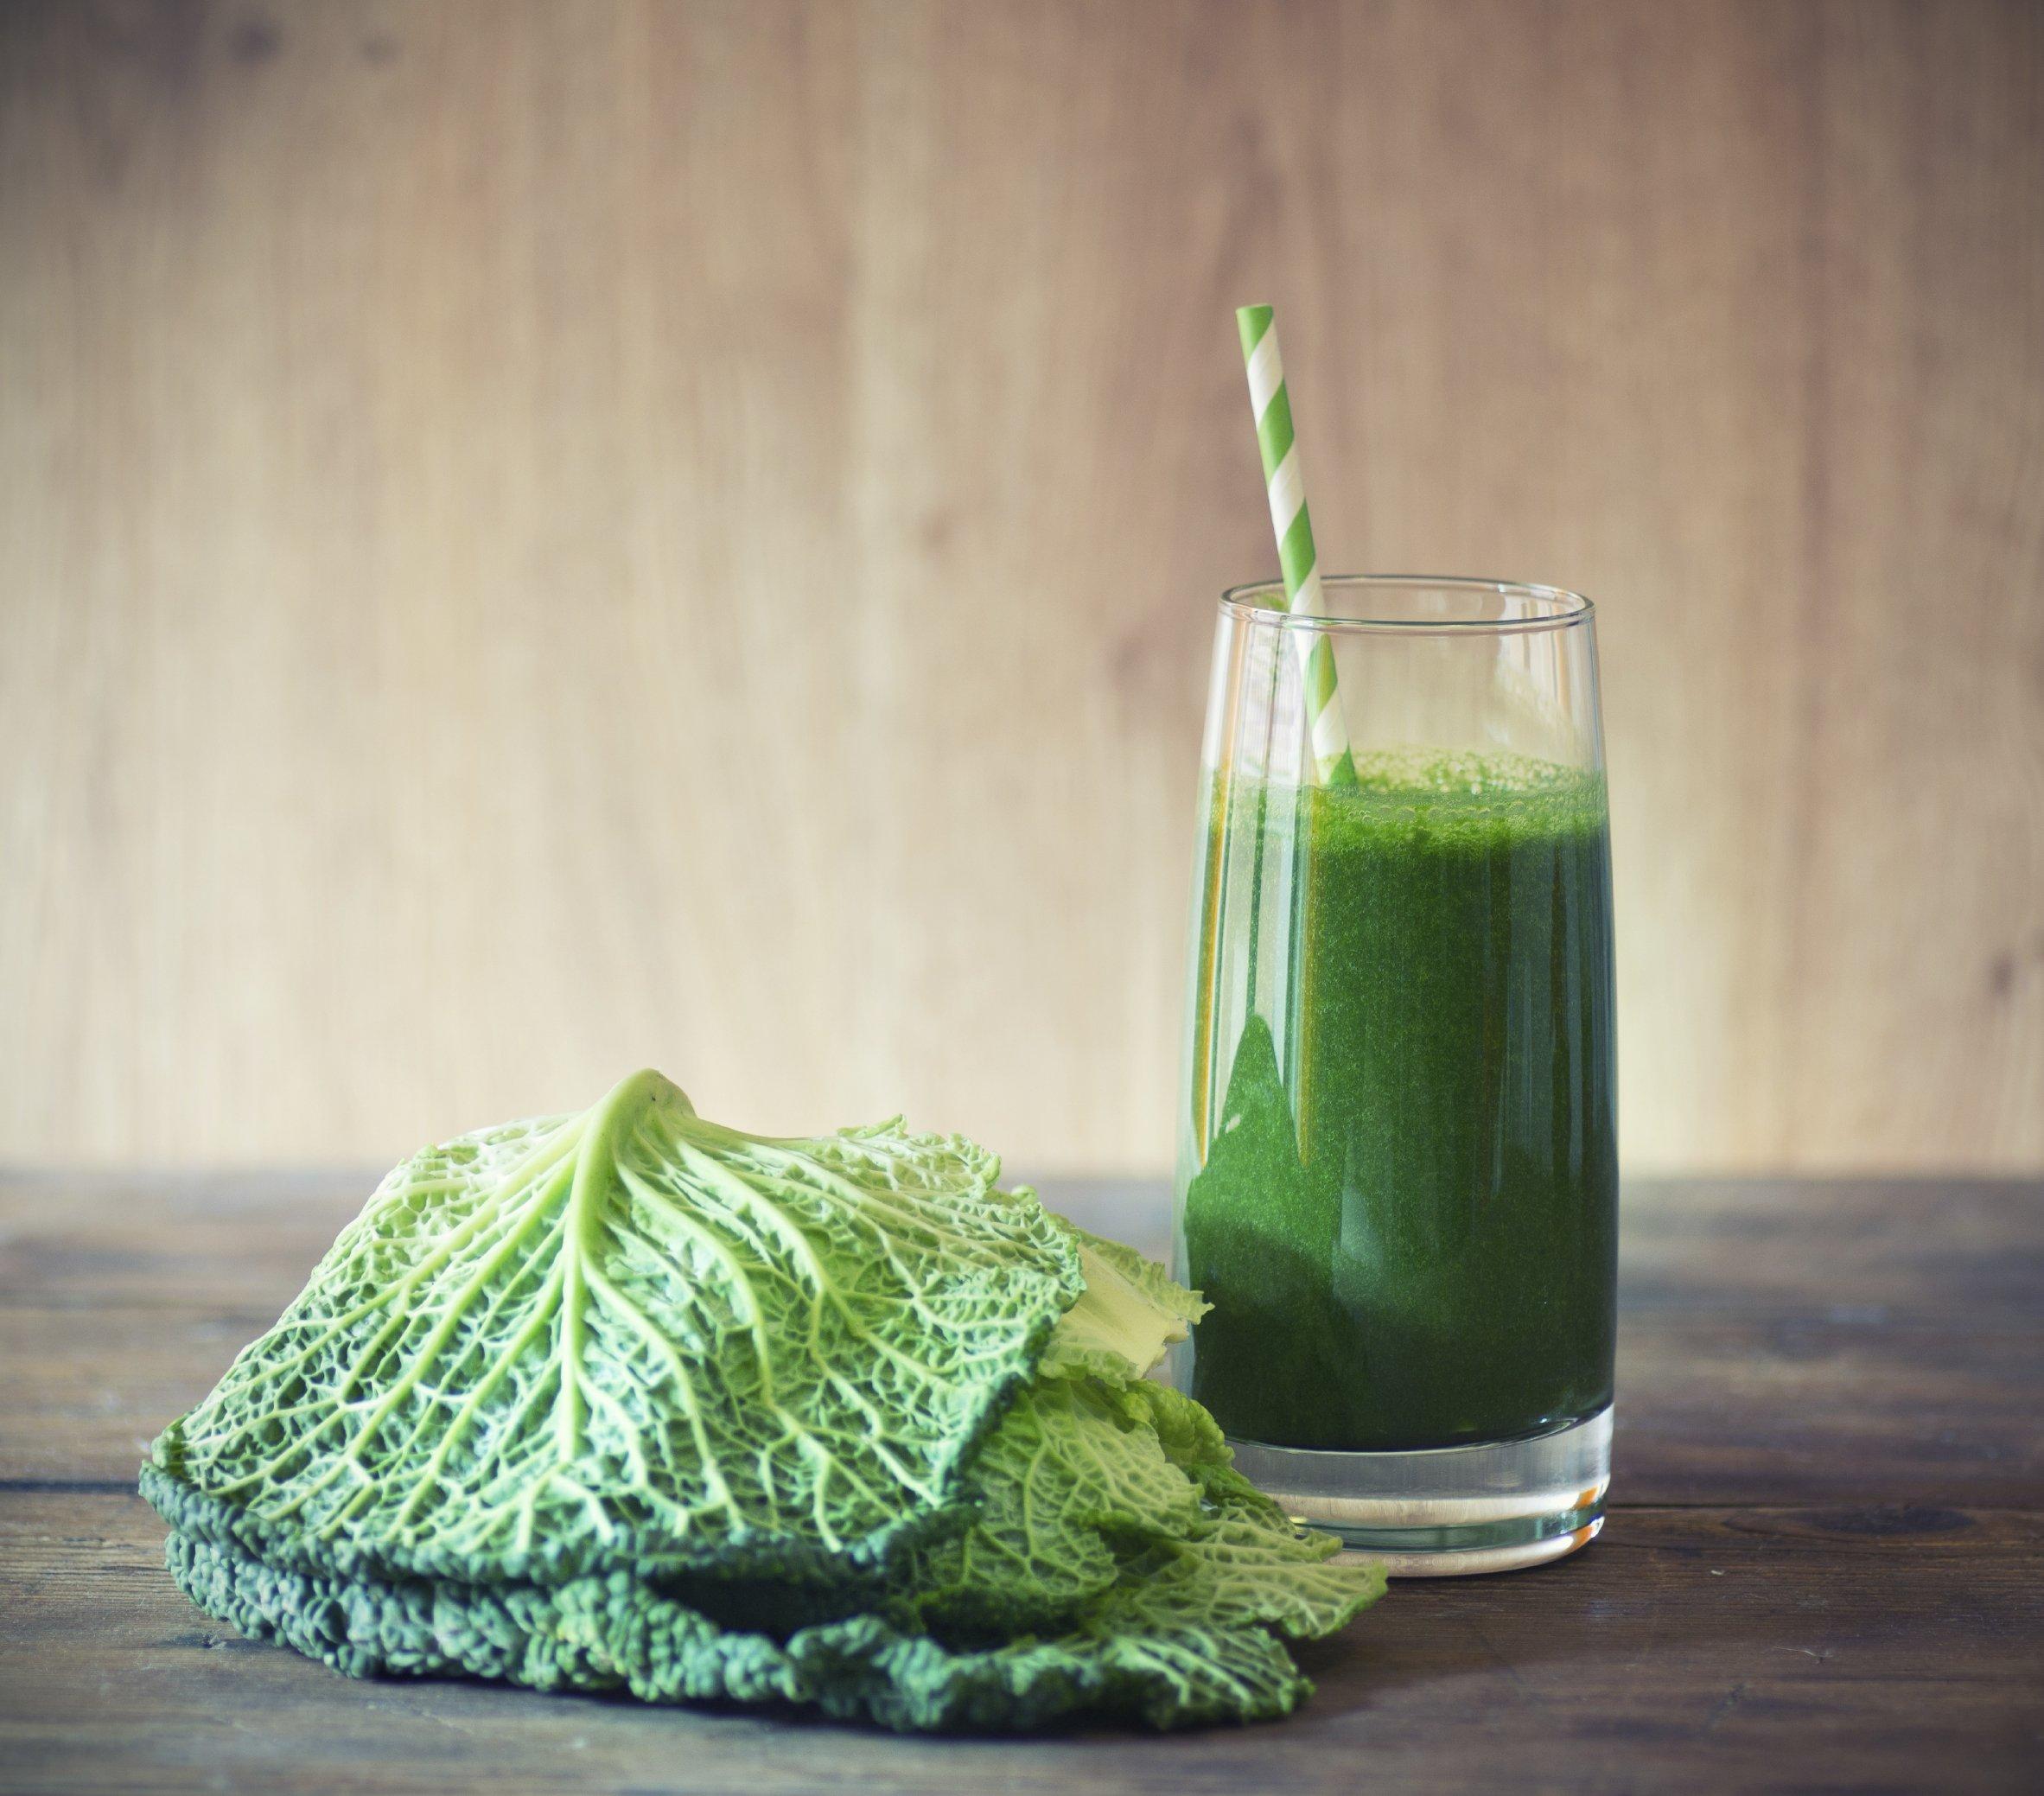 10 Unique Uses for Kale